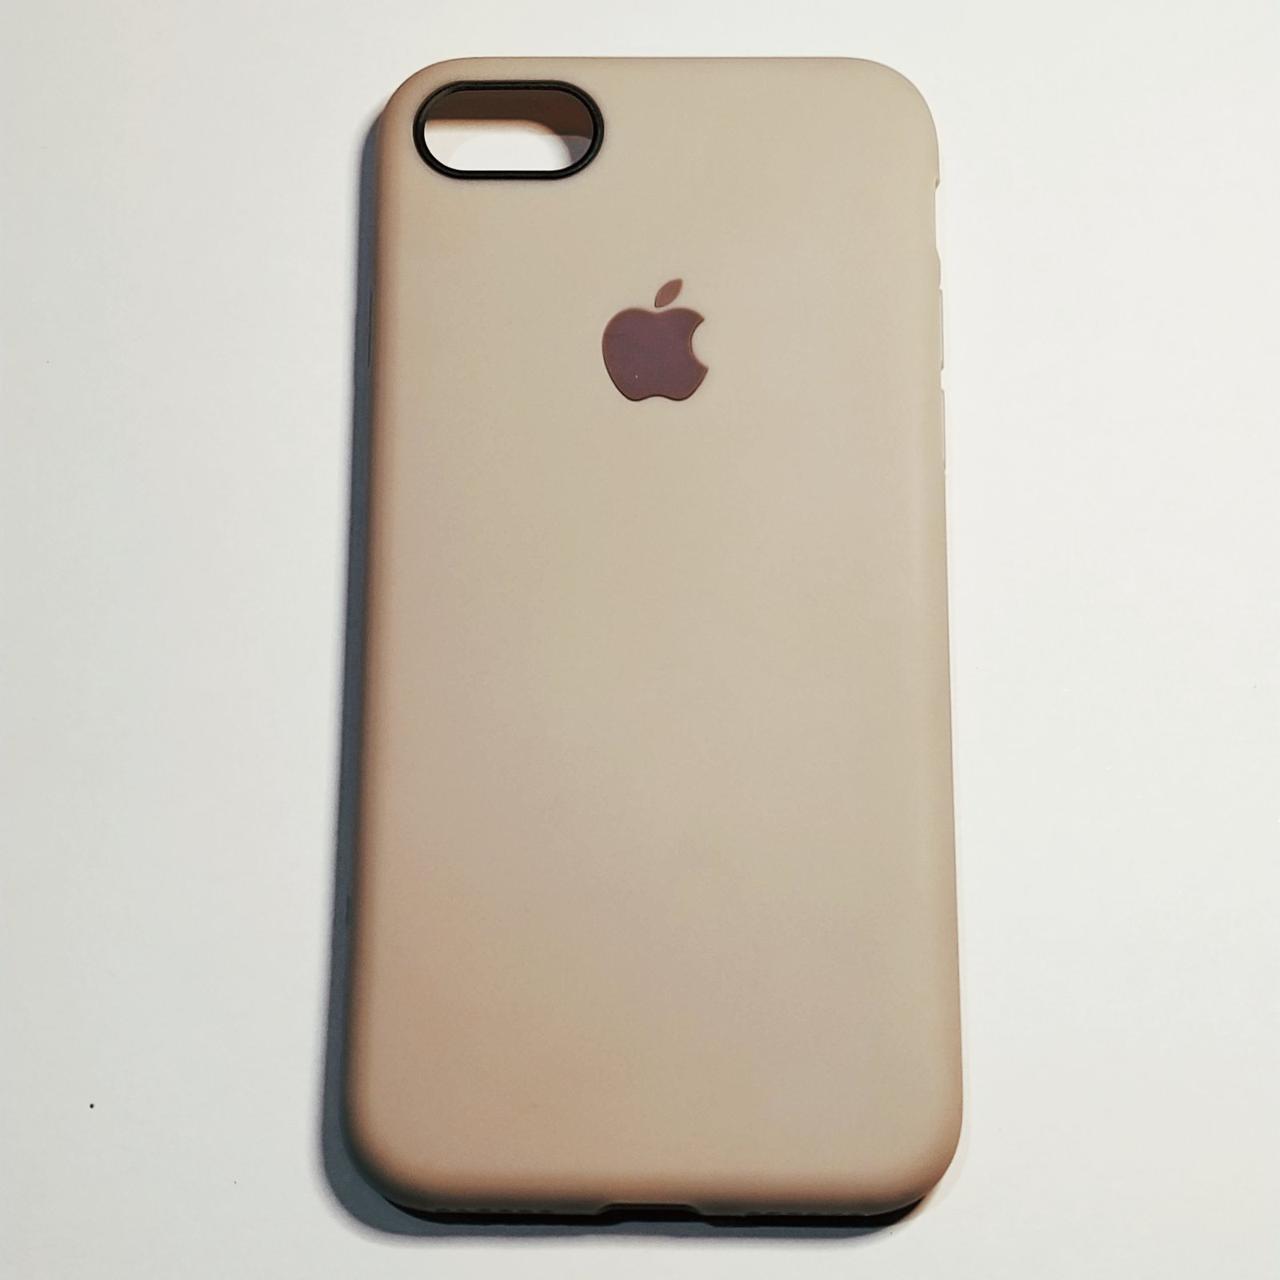 Бампер для iPhone 7/8 силиконовый с яблоком Серый